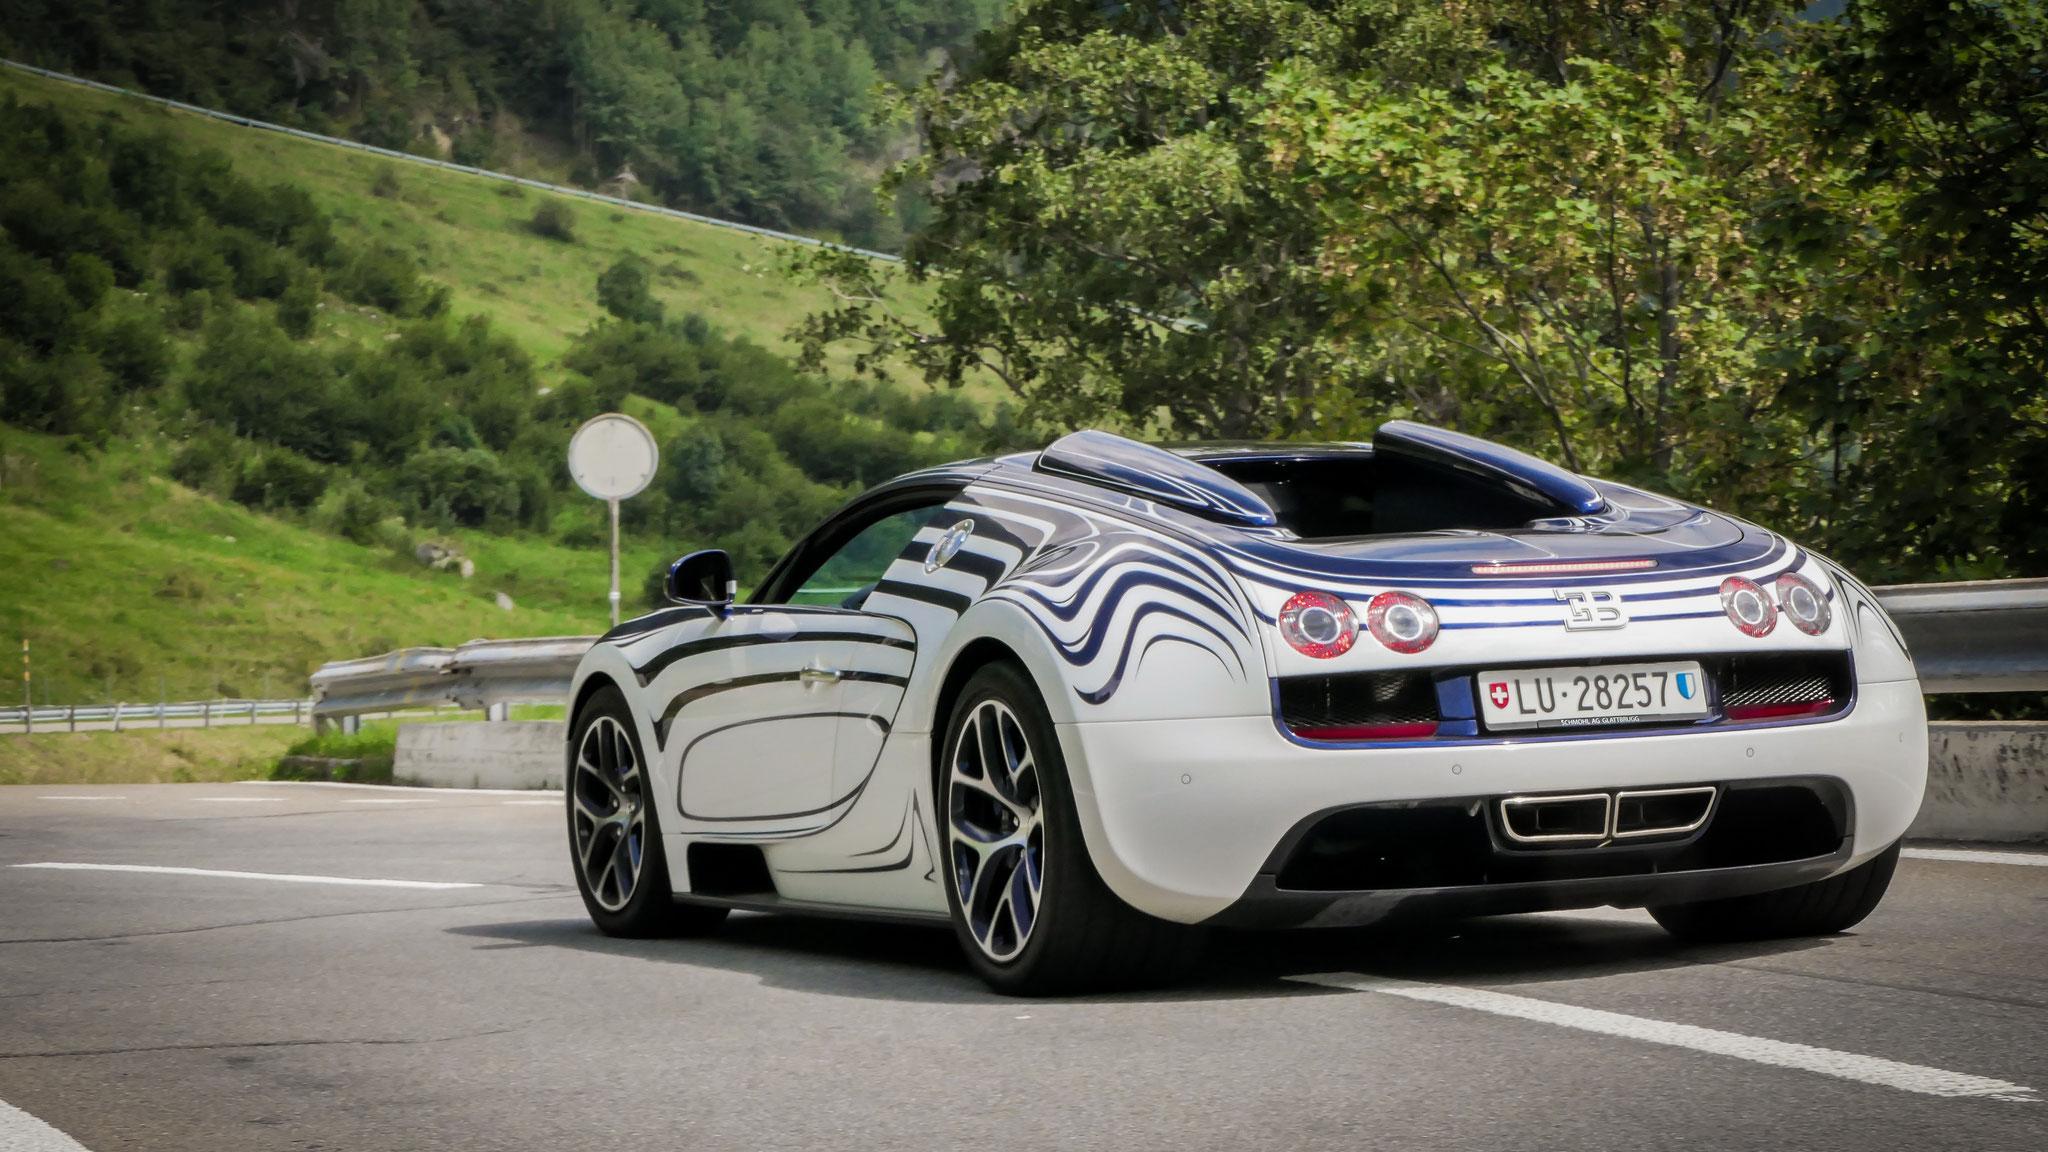 Bugatti Veyron Grand Sport Vitesse - LU-28257 (CH)